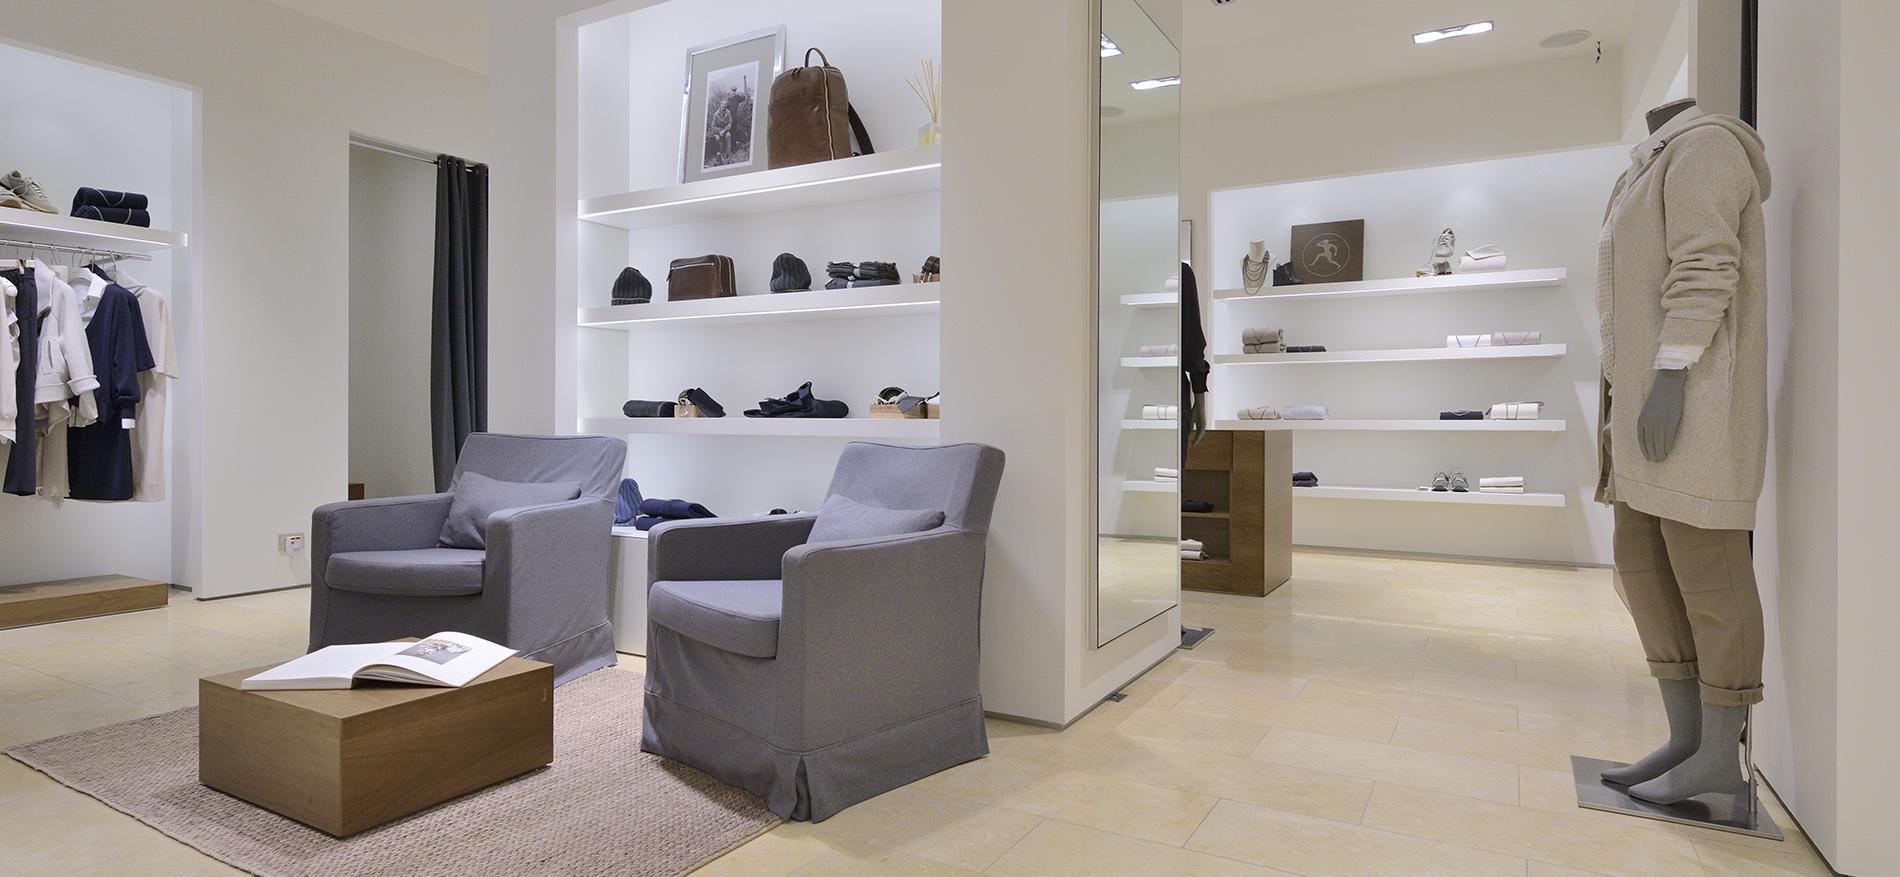 Agencement Interieur Pour La Boutique De Mode